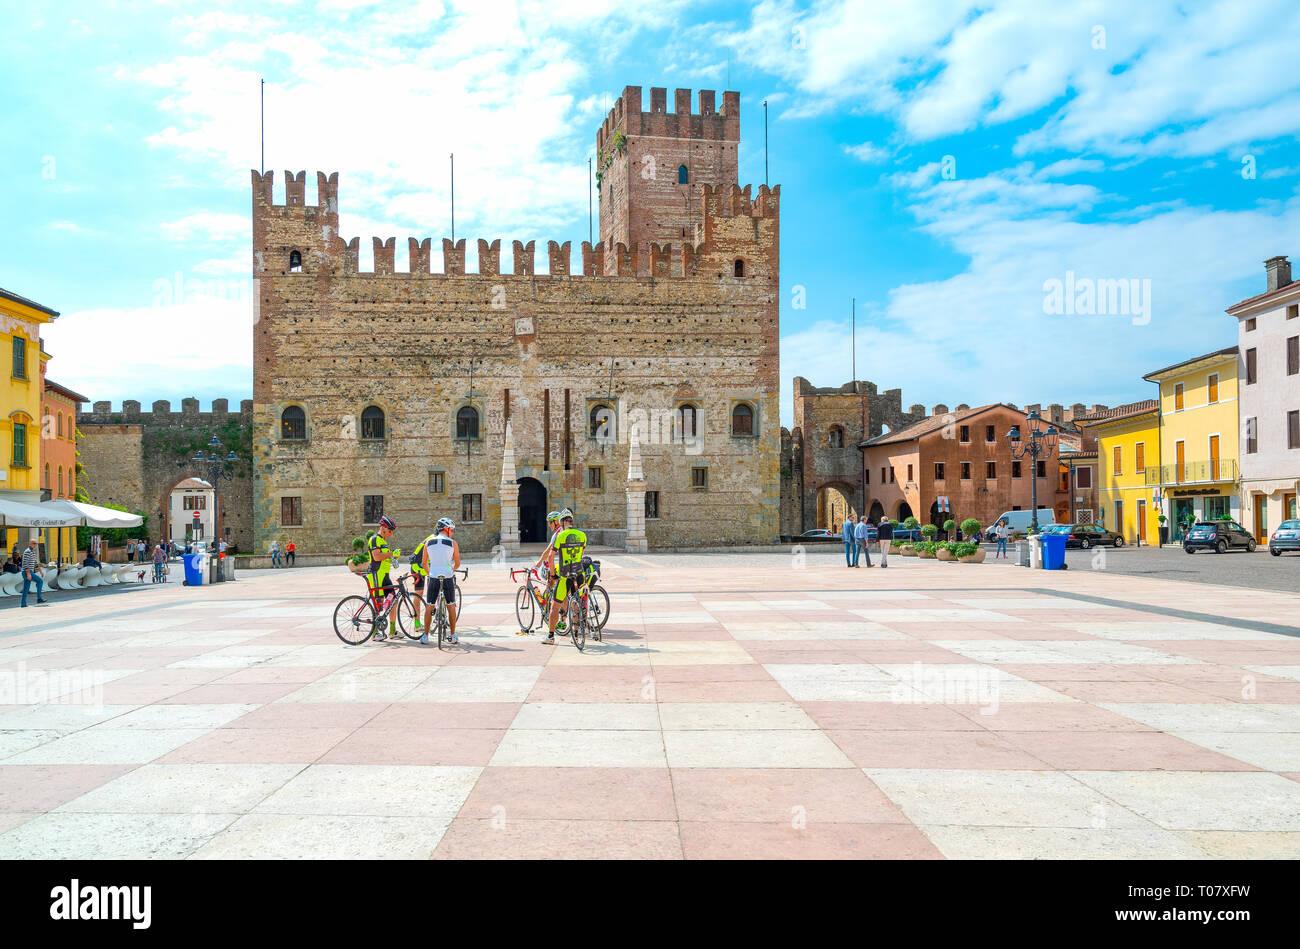 L'Italie, Marostica, la place où le jeu d'échecs traditionnel se joue avec le Château inférieur dans l'arrière-plan Banque D'Images